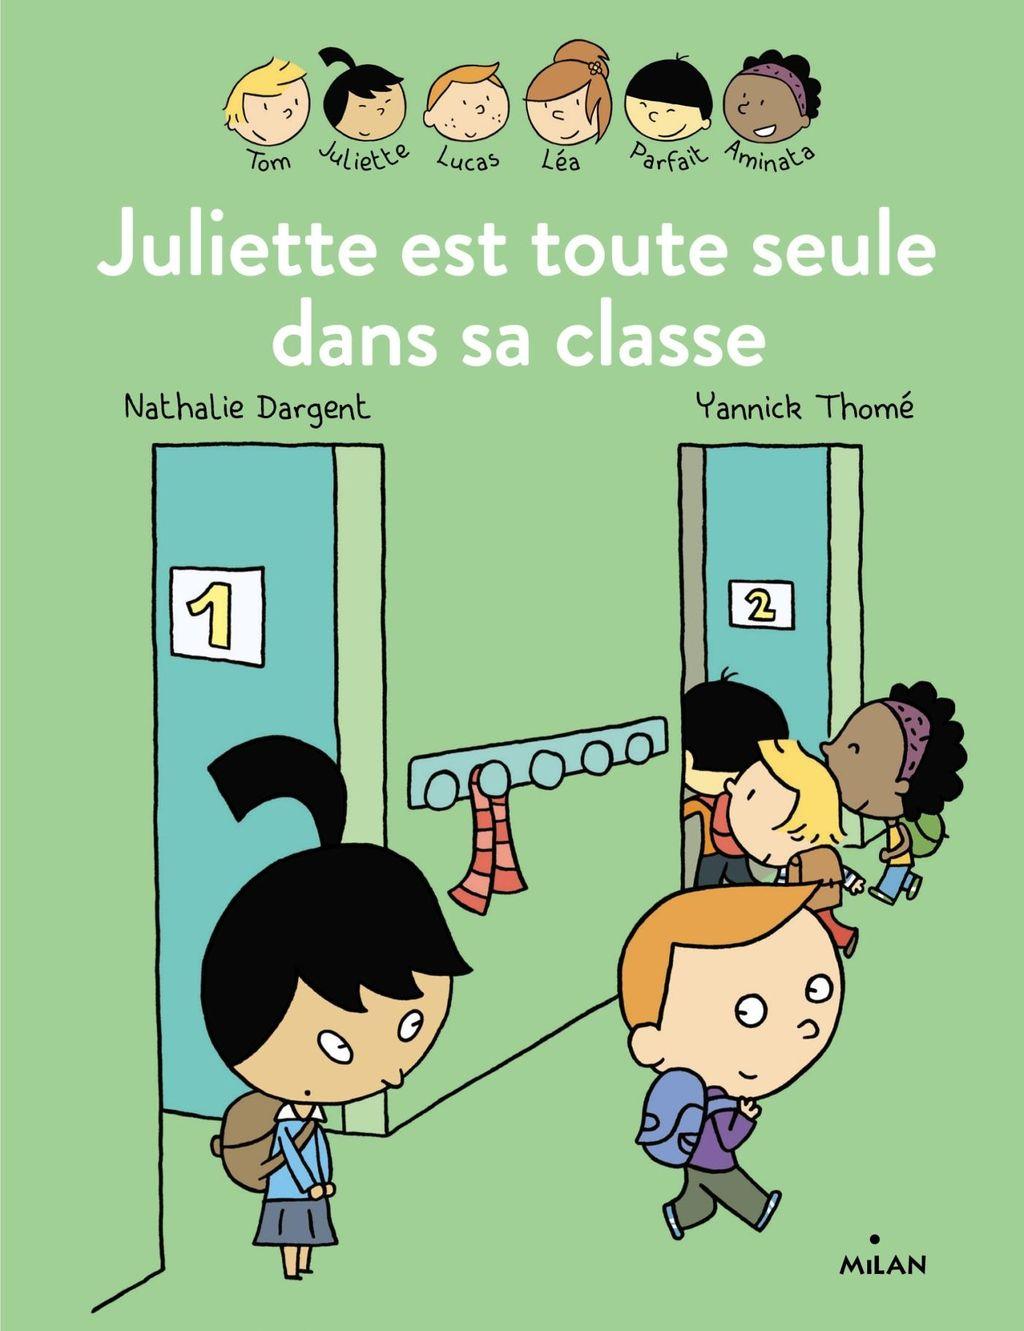 «Les Inséparables – Juliette est toute seule dans sa classe» cover